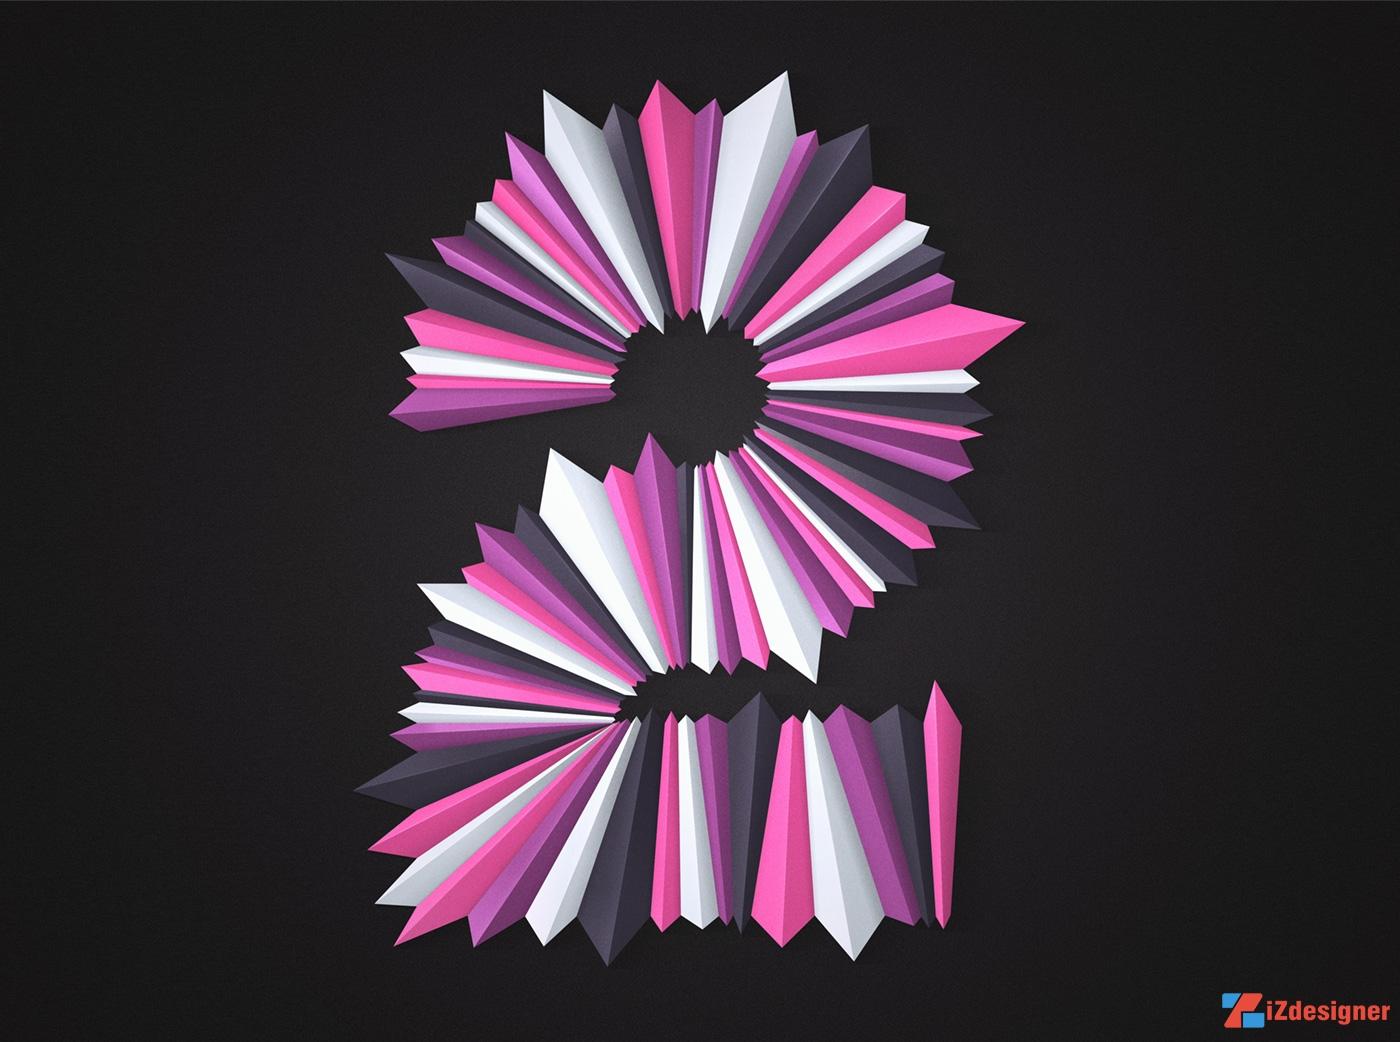 Mario De Meyer và những mẫu Typography tuyệt đẹp